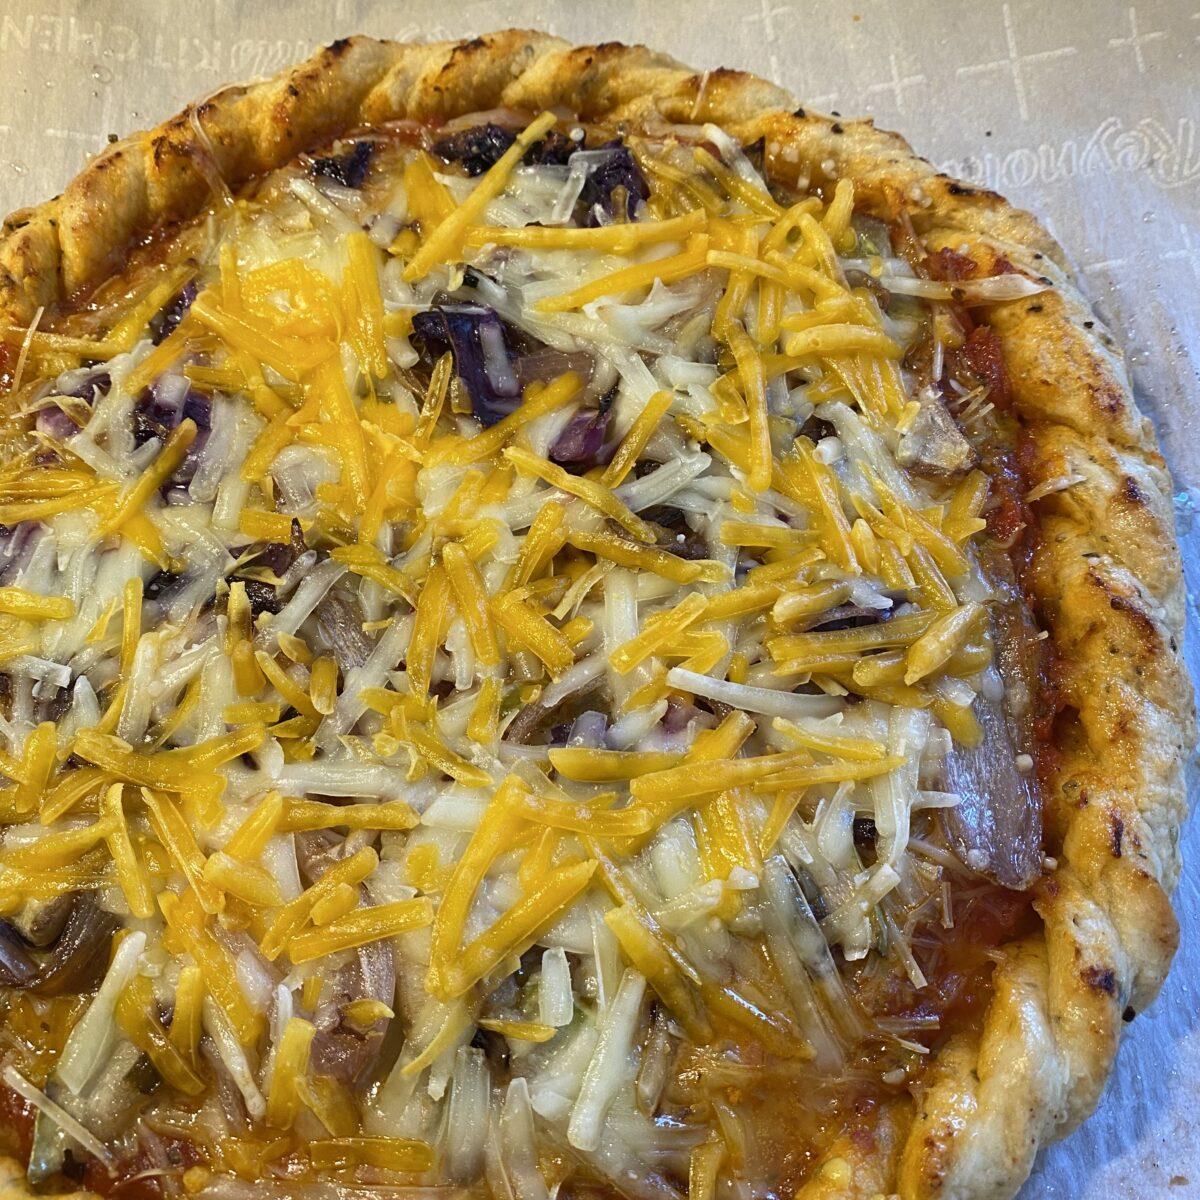 McGeeza's Vegan Pizza